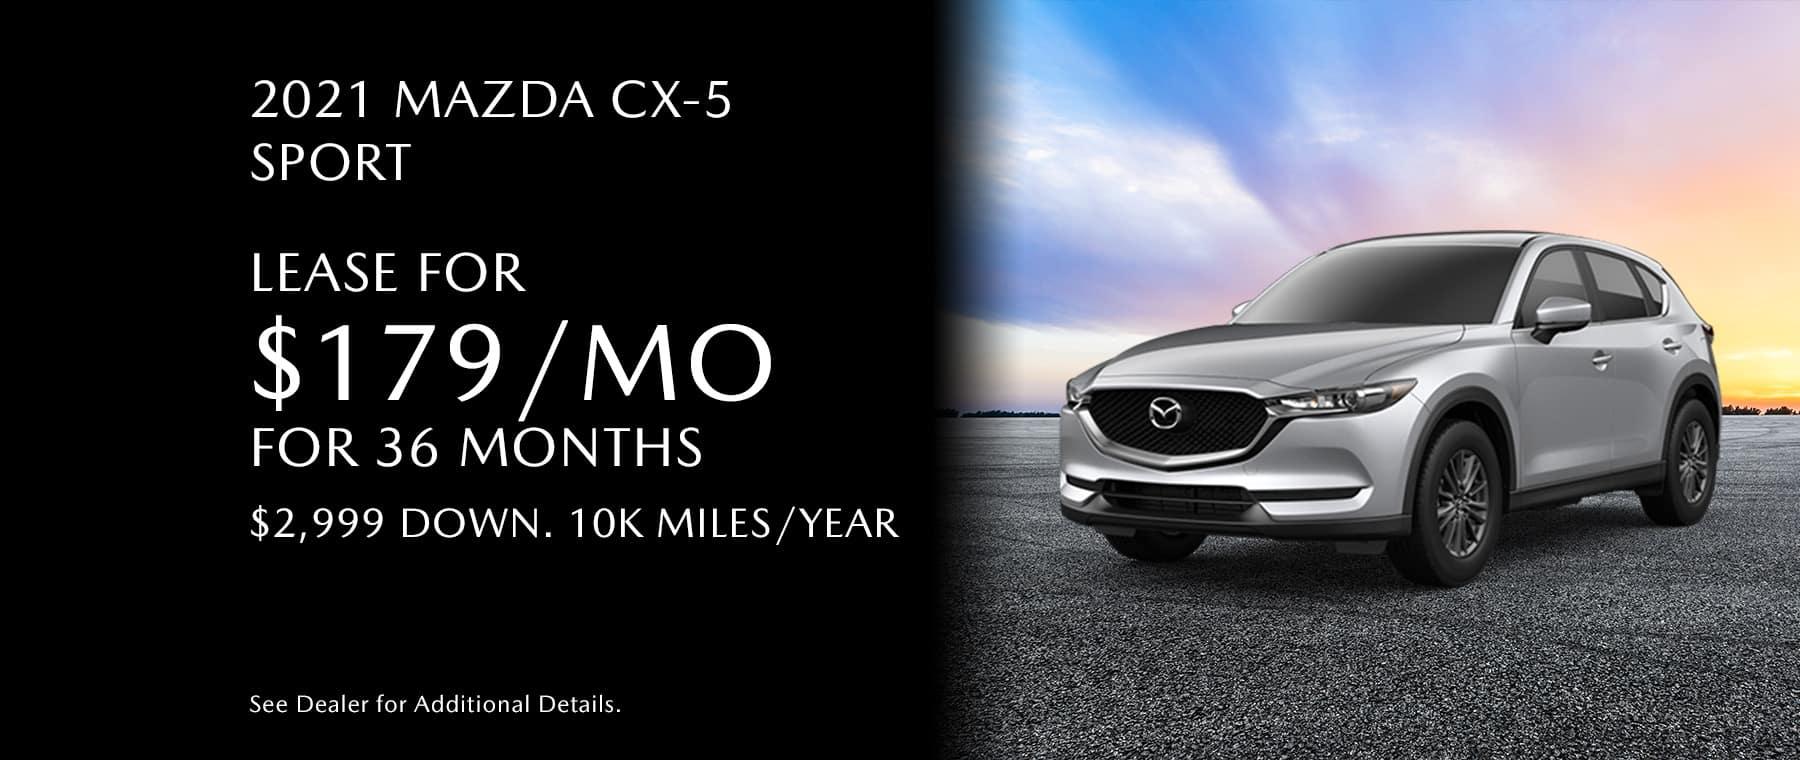 MazdaGastonia_Sliders_2021 CX-5 Sport (1)April